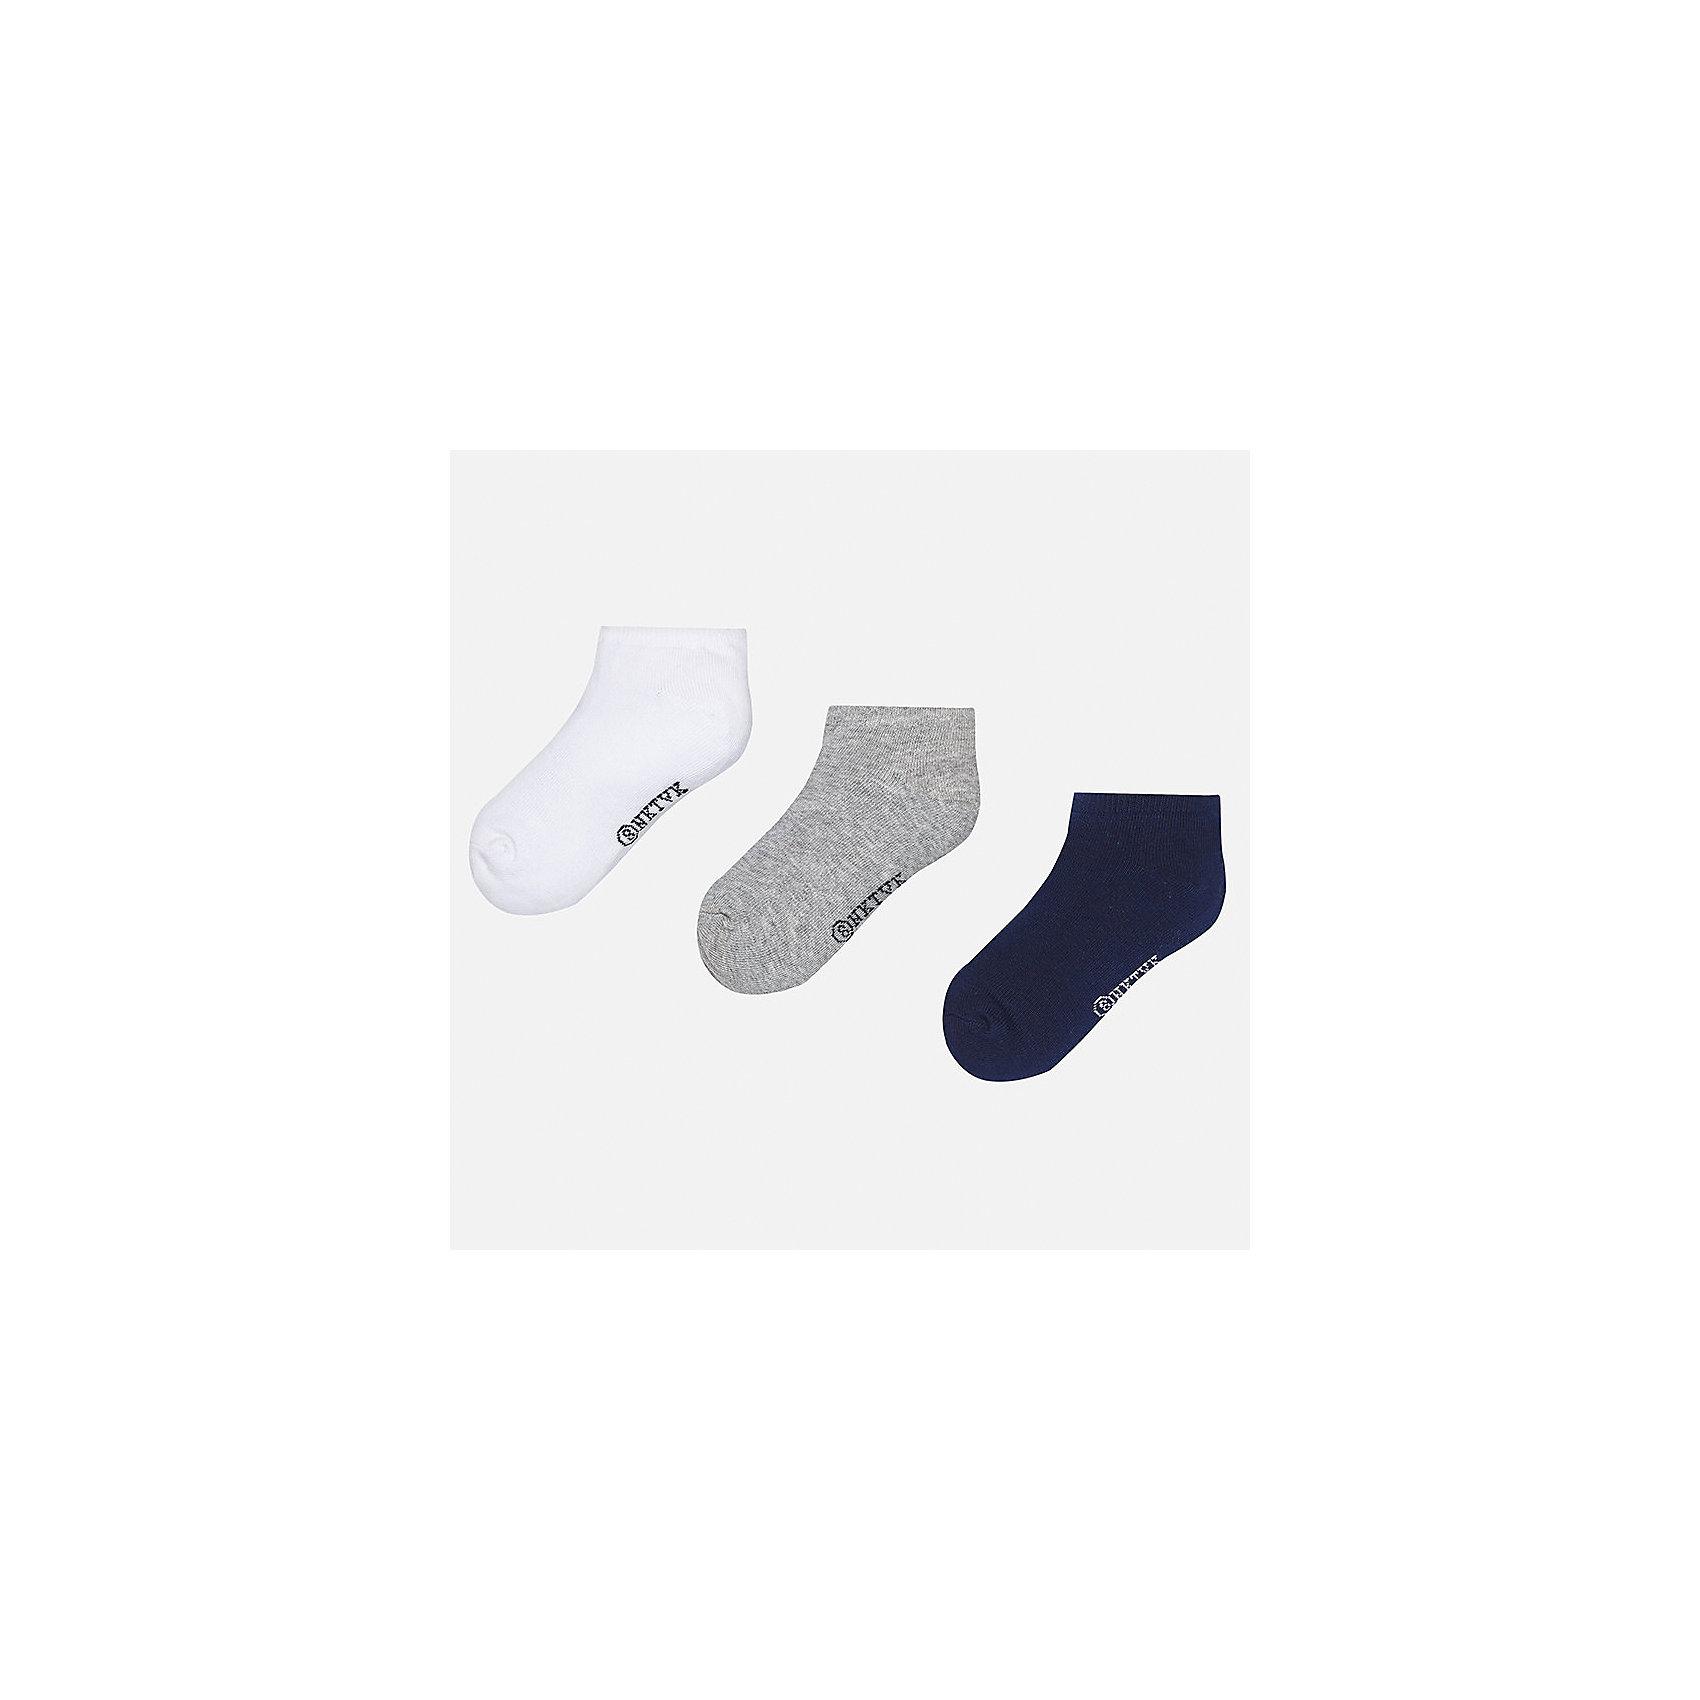 Носки (3 пары) для мальчика MayoralНоски<br>Характеристики товара:<br><br>• цвет: белы/серый/синий<br>• состав: 72% хлопок, 25% полиамид, 3% эластан<br>• комплектация: три пары<br>• мягкая резинка<br>• эластичный материал<br>• однотонные<br>• страна бренда: Испания<br><br>Удобные симпатичные носки для мальчика помогут обеспечить ребенку комфорт и дополнить наряд. Универсальный цвет позволяет надевать их под обувь разных расцветок. Носки удобно сидят на ноге и аккуратно смотрятся. Этот комплект - практичный и красивый! В составе материала - натуральный хлопок, гипоаллергенный, приятный на ощупь, дышащий. <br><br>Одежда, обувь и аксессуары от испанского бренда Mayoral полюбились детям и взрослым по всему миру. Модели этой марки - стильные и удобные. Для их производства используются только безопасные, качественные материалы и фурнитура. Порадуйте ребенка модными и красивыми вещами от Mayoral! <br><br>Носки (3 пары) для мальчика от испанского бренда Mayoral (Майорал) можно купить в нашем интернет-магазине.<br><br>Ширина мм: 87<br>Глубина мм: 10<br>Высота мм: 105<br>Вес г: 115<br>Цвет: серый<br>Возраст от месяцев: 72<br>Возраст до месяцев: 96<br>Пол: Мужской<br>Возраст: Детский<br>Размер: 8,16,14,12,10<br>SKU: 5282133